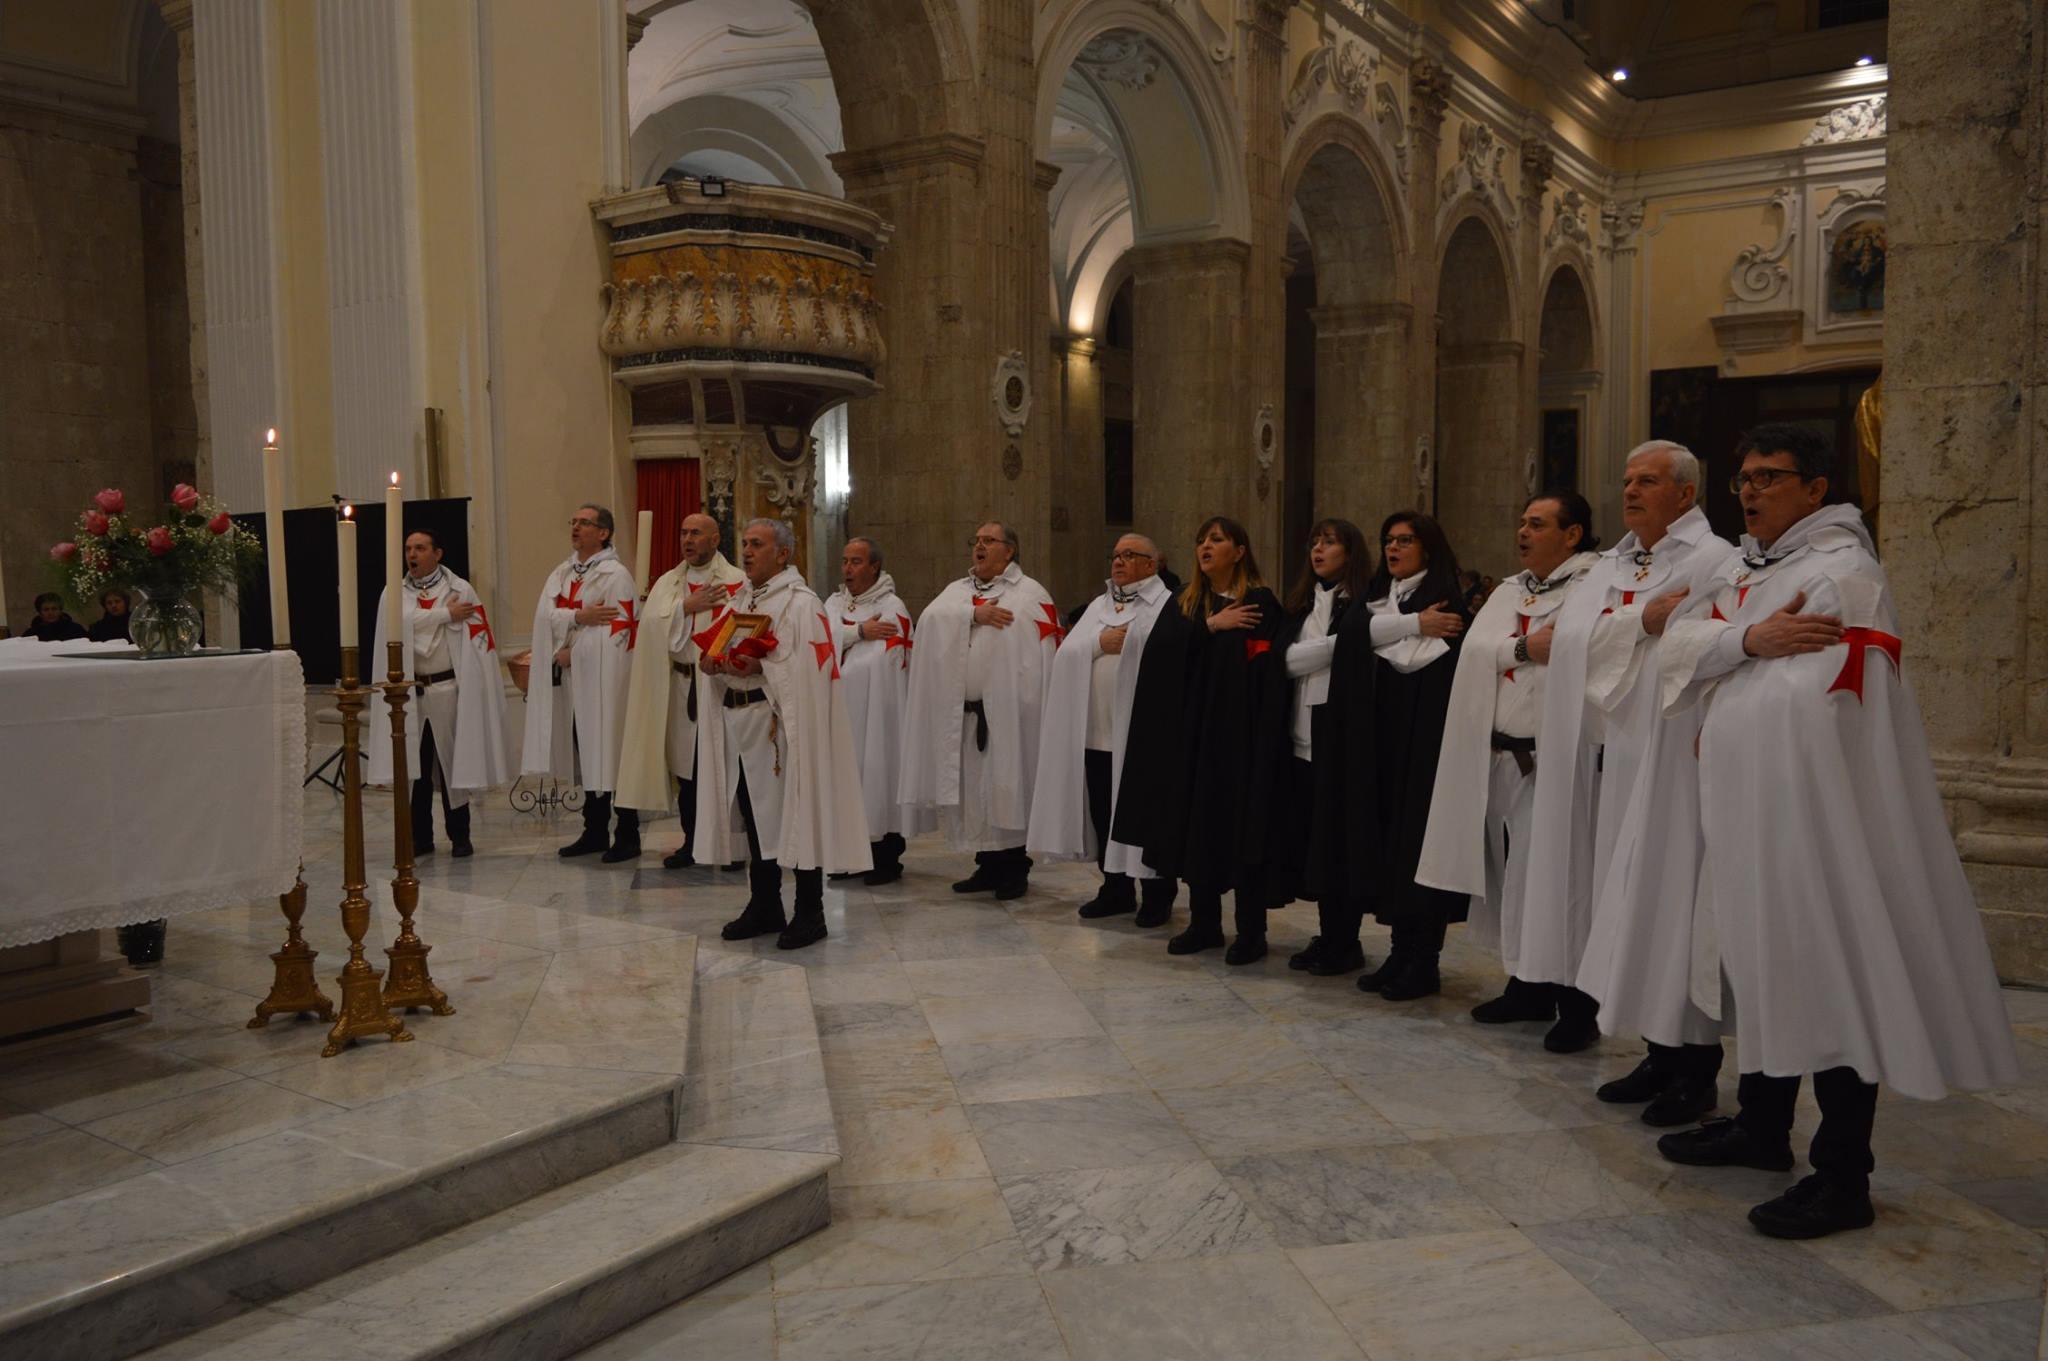 Campagna: Conferenza sulla Sacra Sindone e i Cavalieri Templari di Ieri e di Oggi